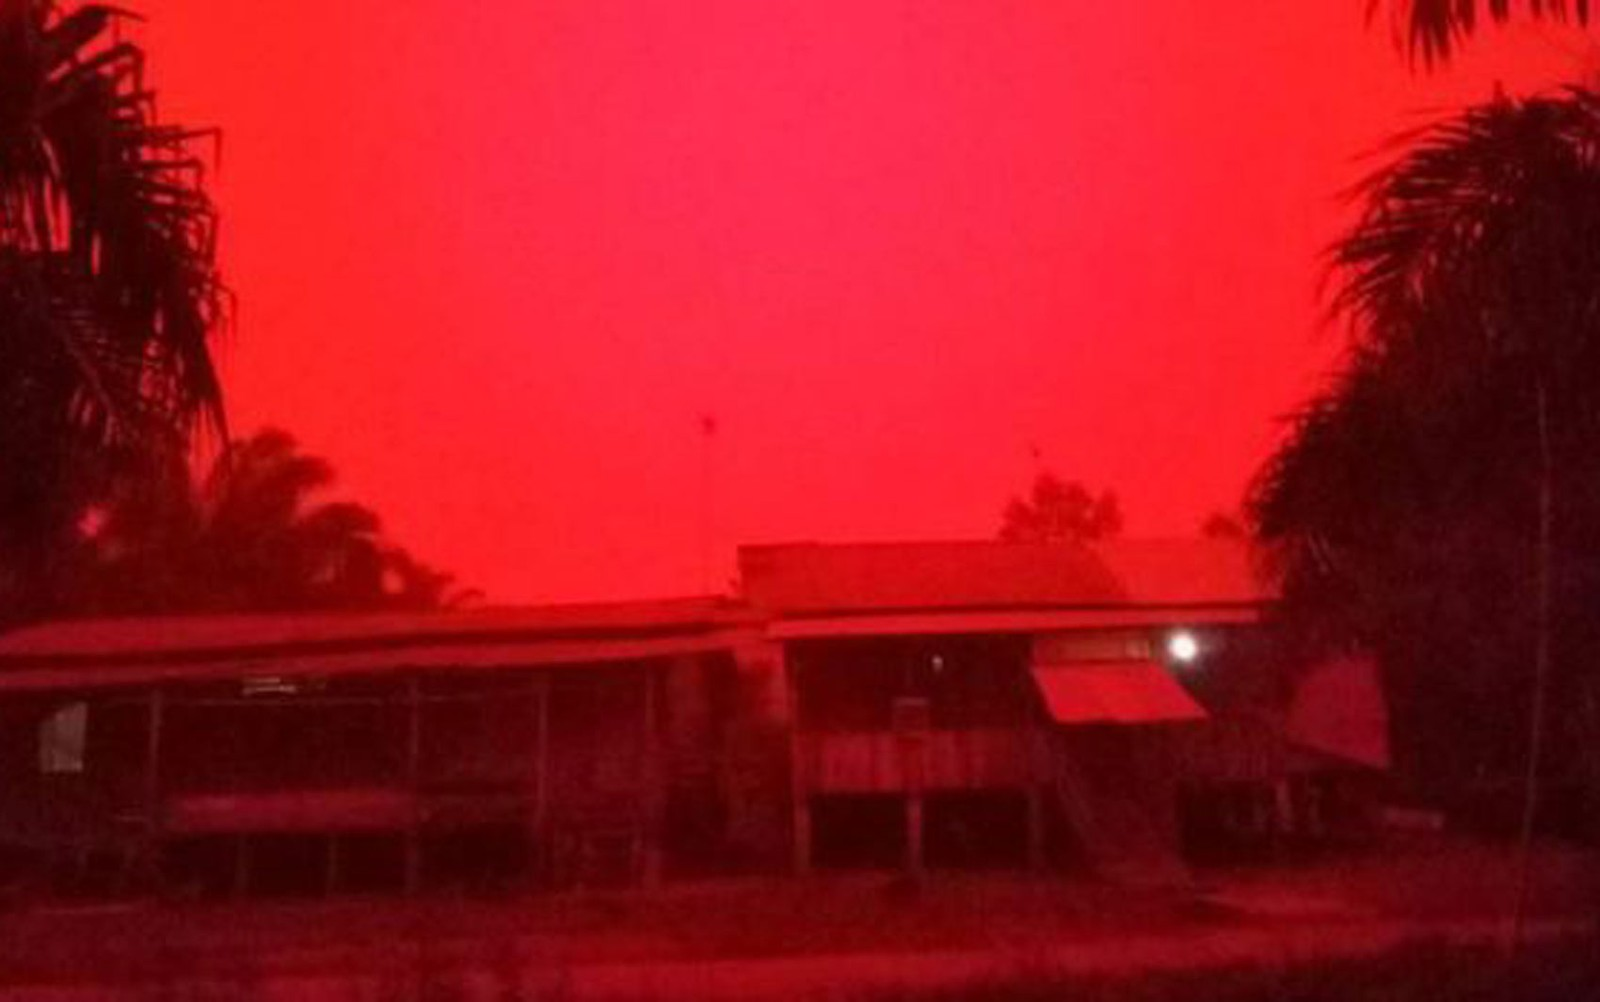 céu vermelho indonésia 2